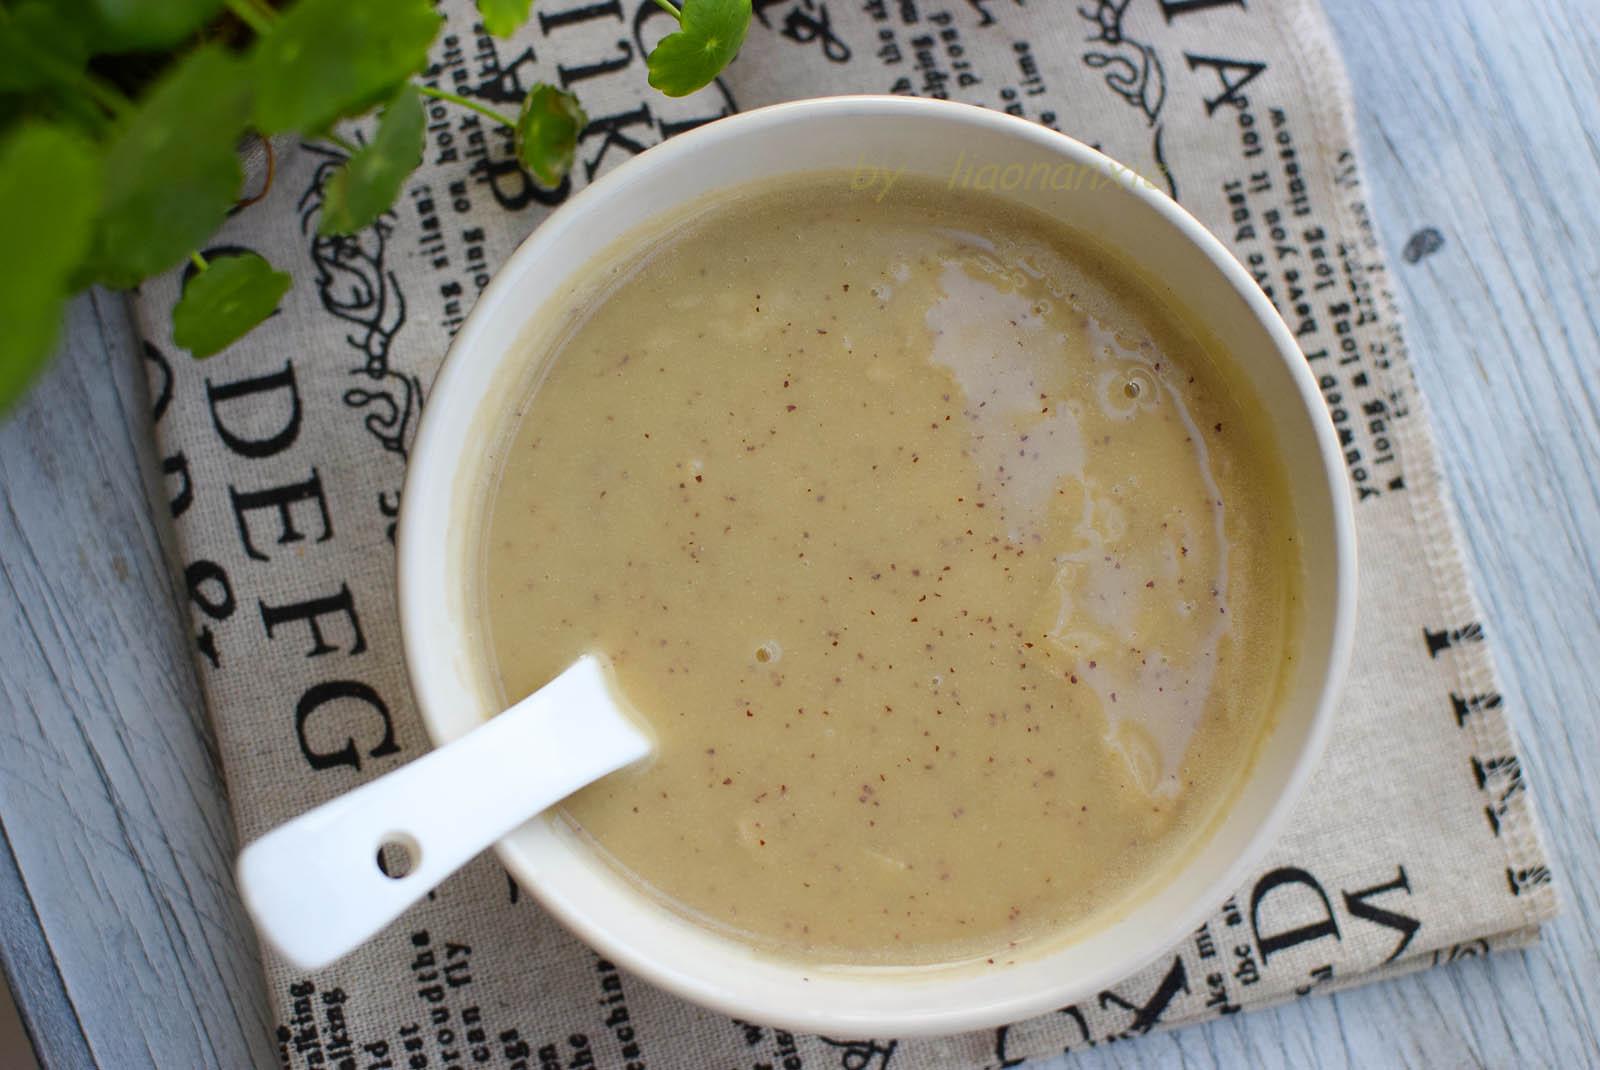 早餐用这三种材料打汤,口感丝滑,鲜甜好喝,比豆浆更抢手